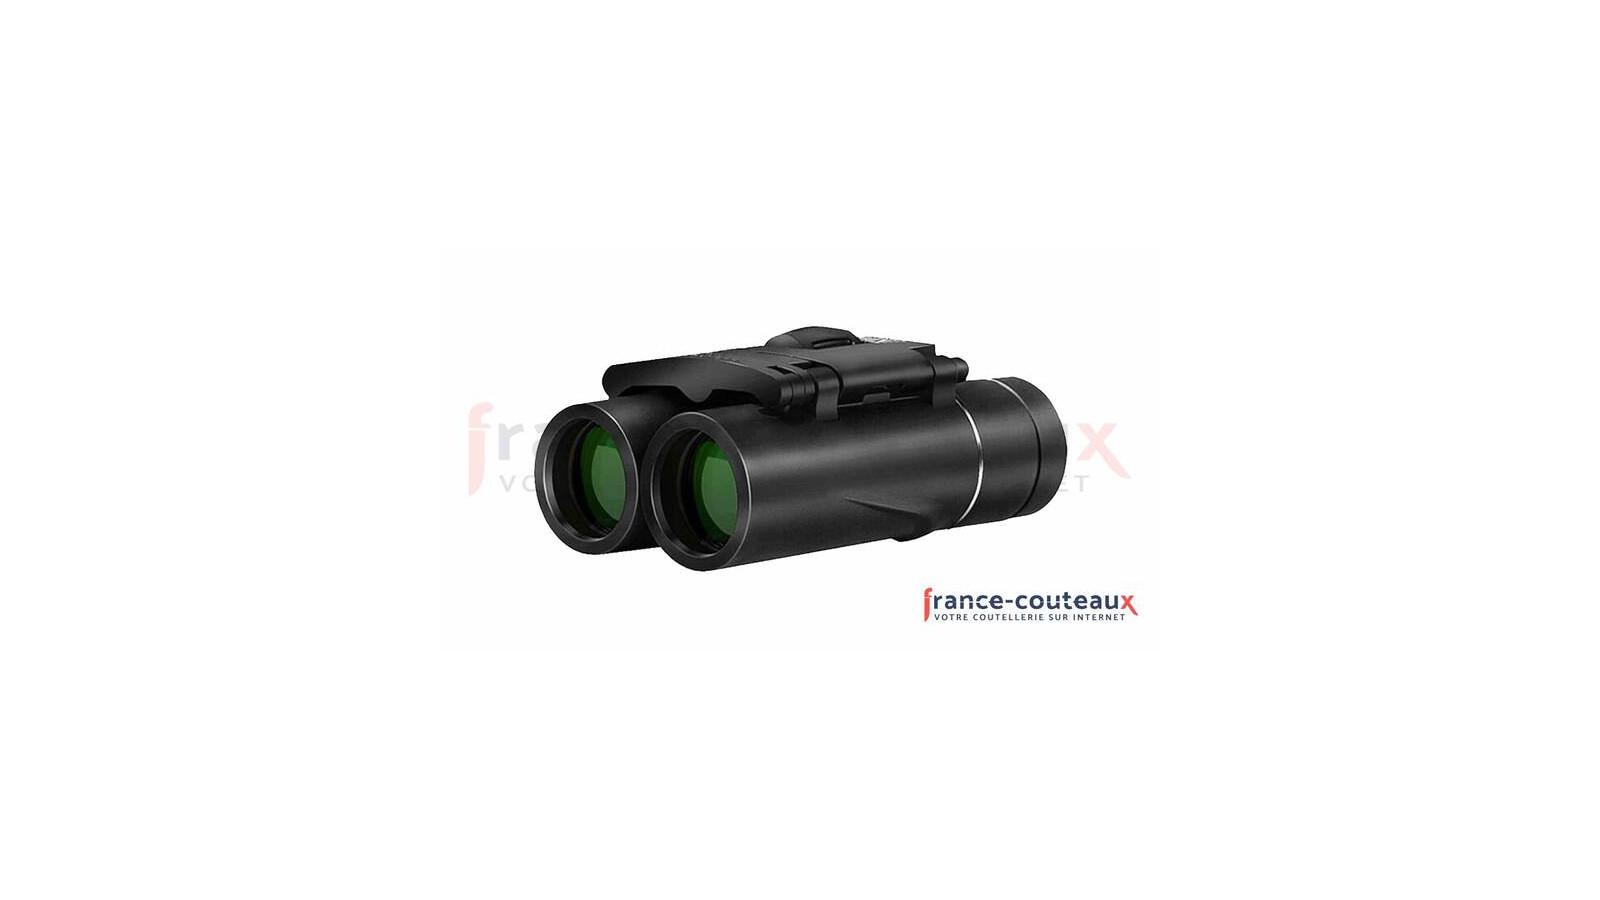 Lanterne camping à leds solaire et rechargeable 26 cm - 100 lumens